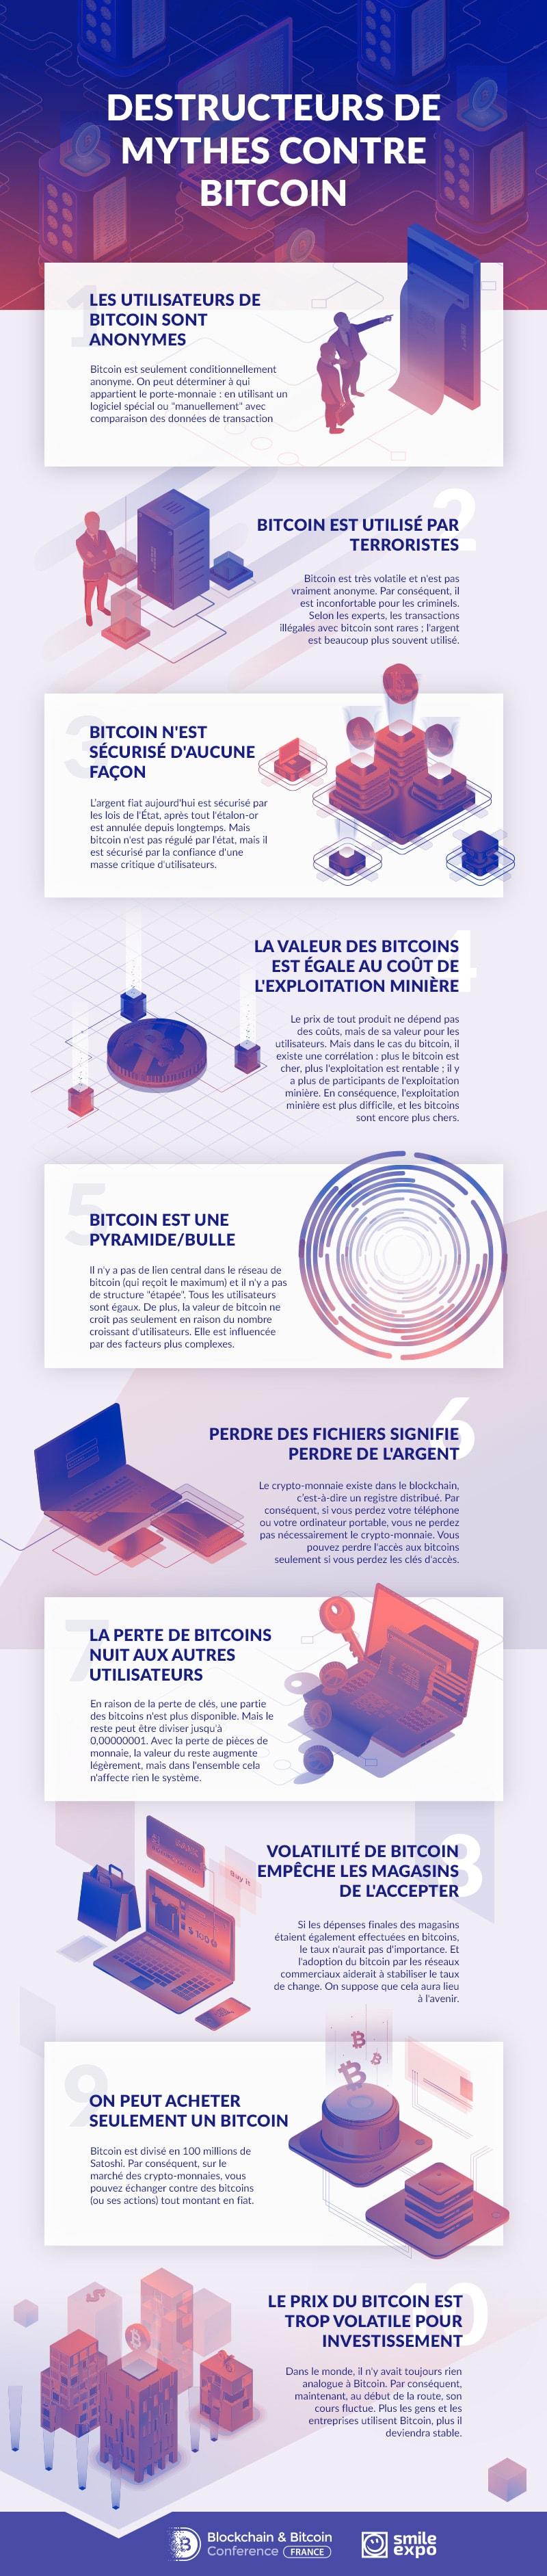 Infographie : destructeurs de mythes contre Bitcoin